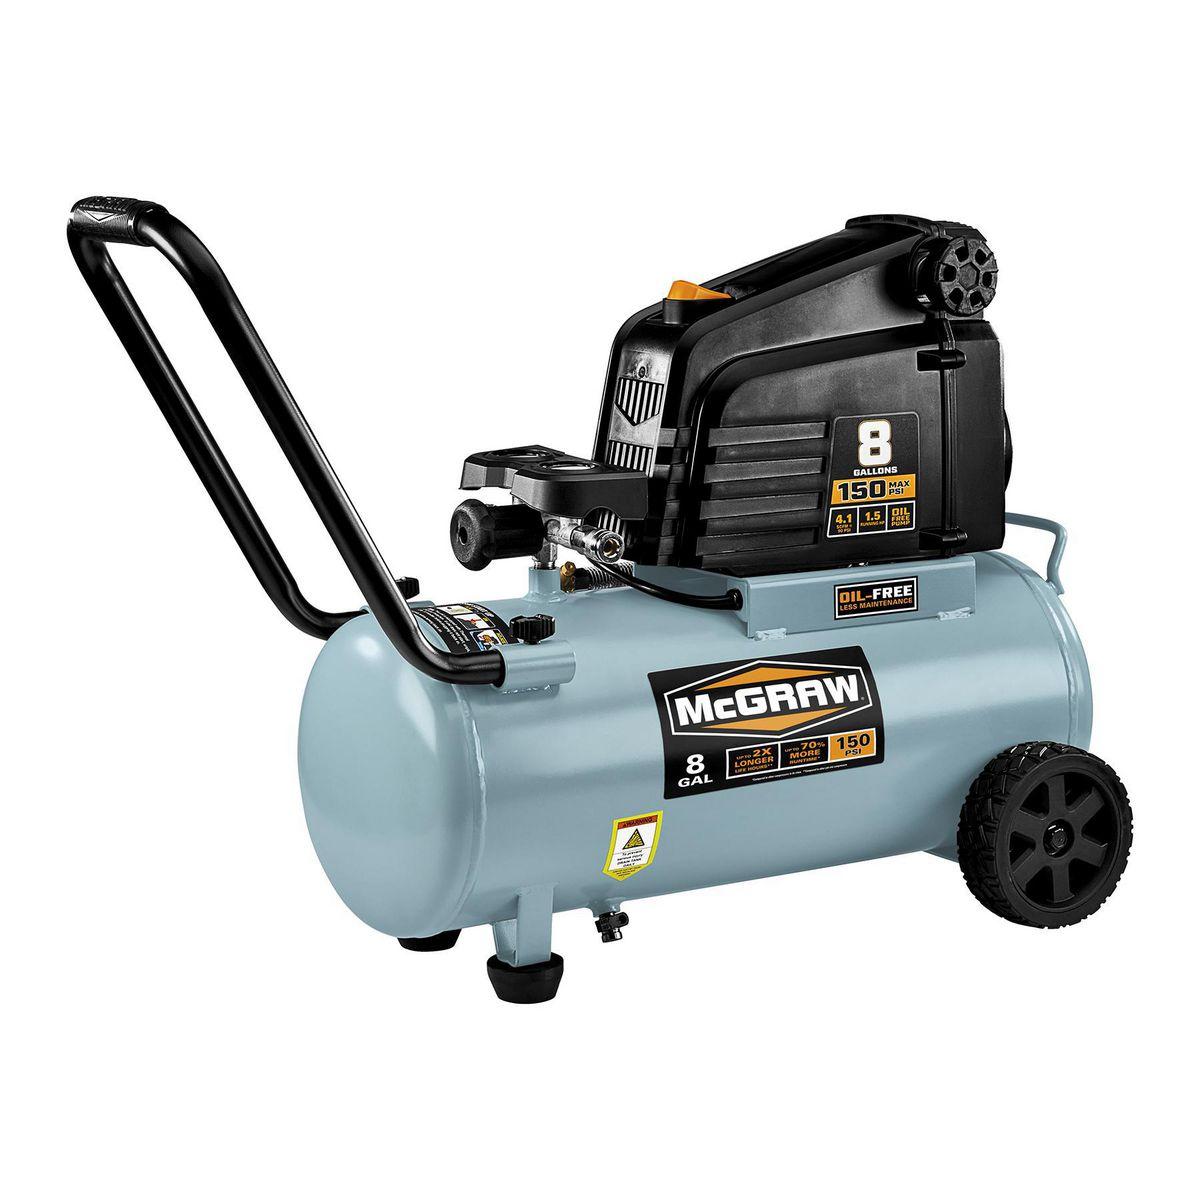 8 Gallon 1 5 Hp 150 Psi Oil Free Portable Air Compressor